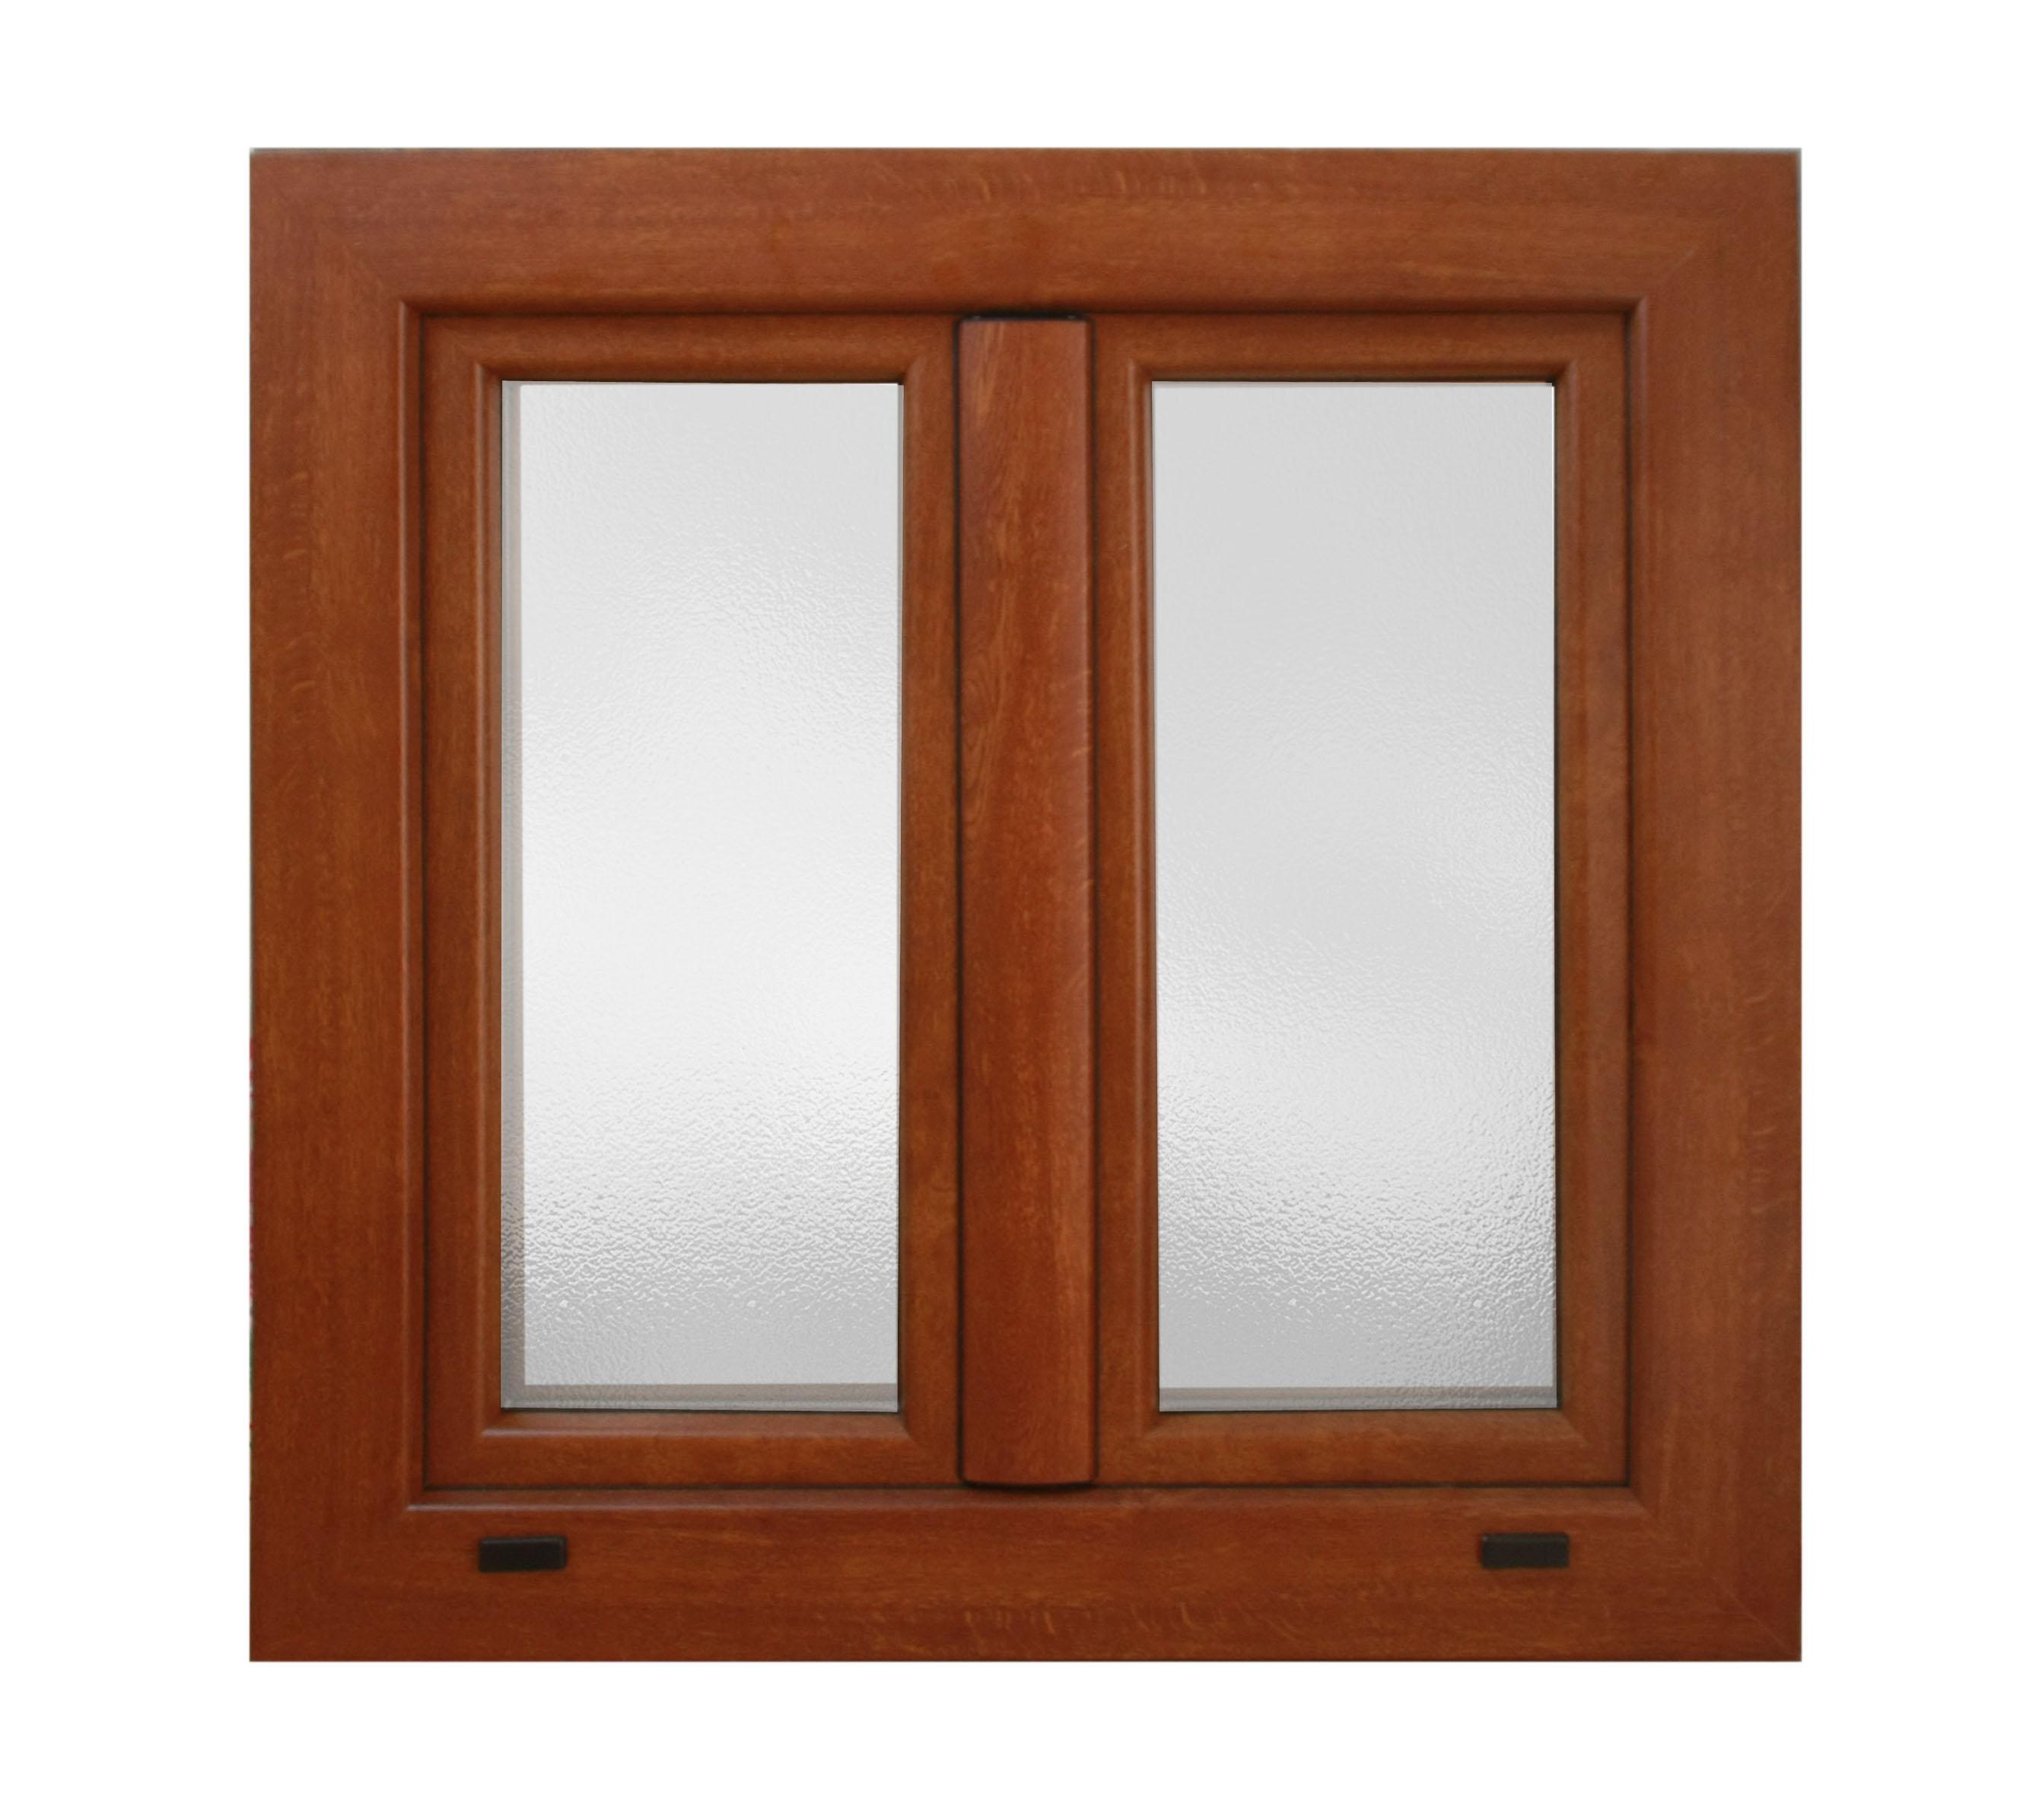 Ventanas europeas ventanas a medida montaje de ventanas for Ventanas en madera